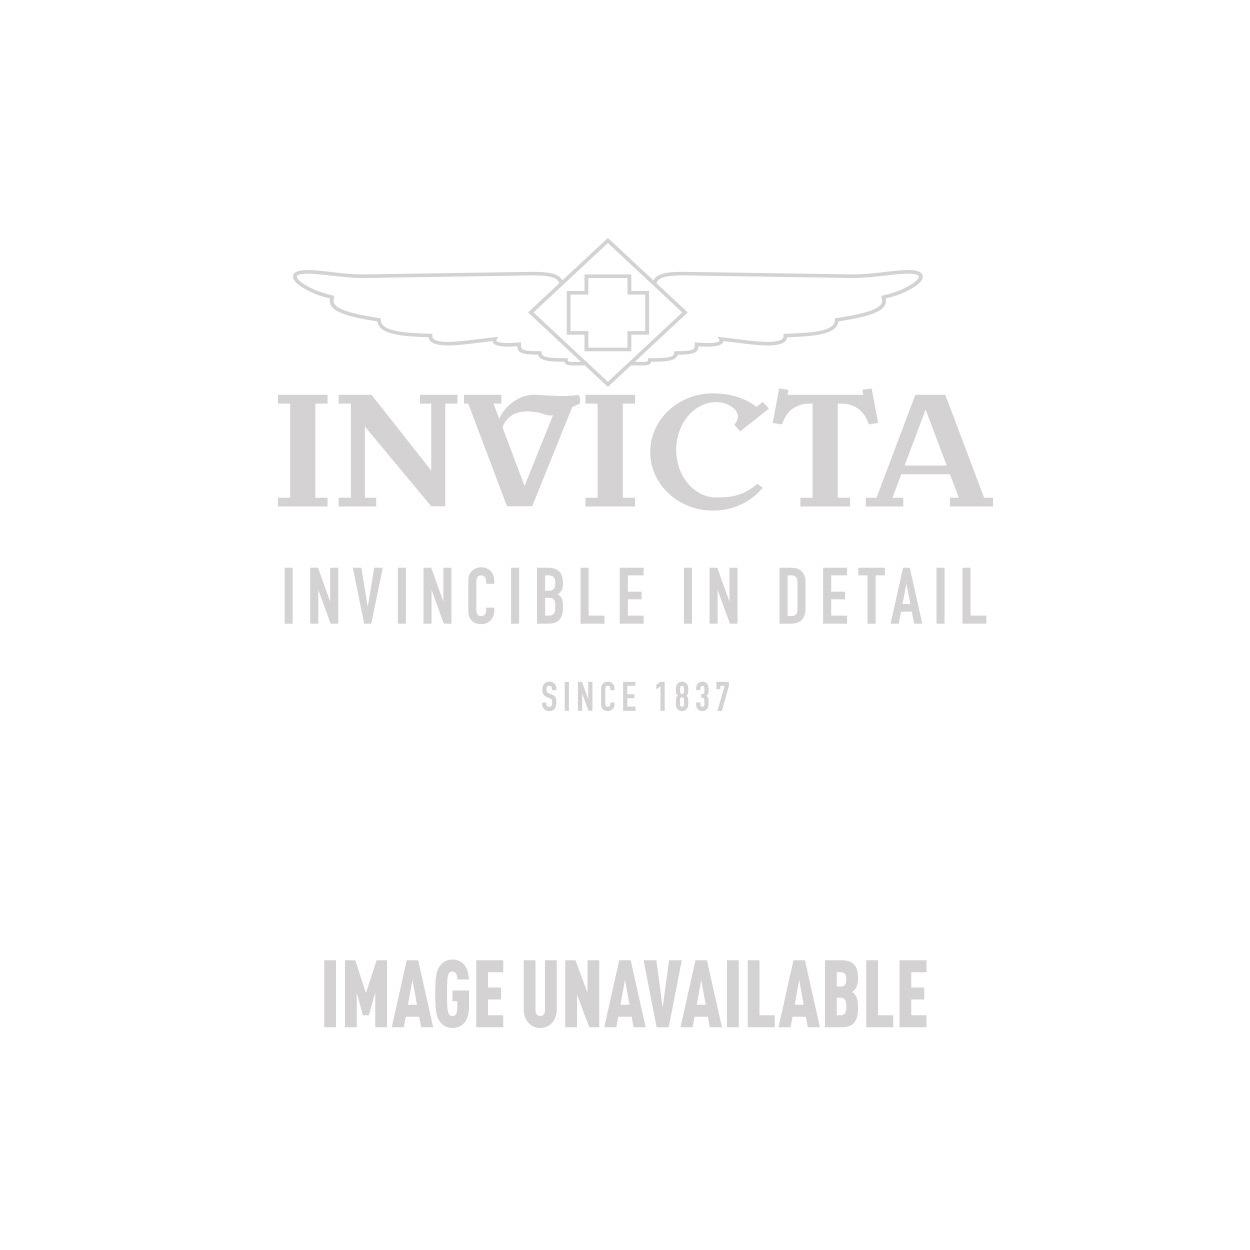 Invicta Model 27316